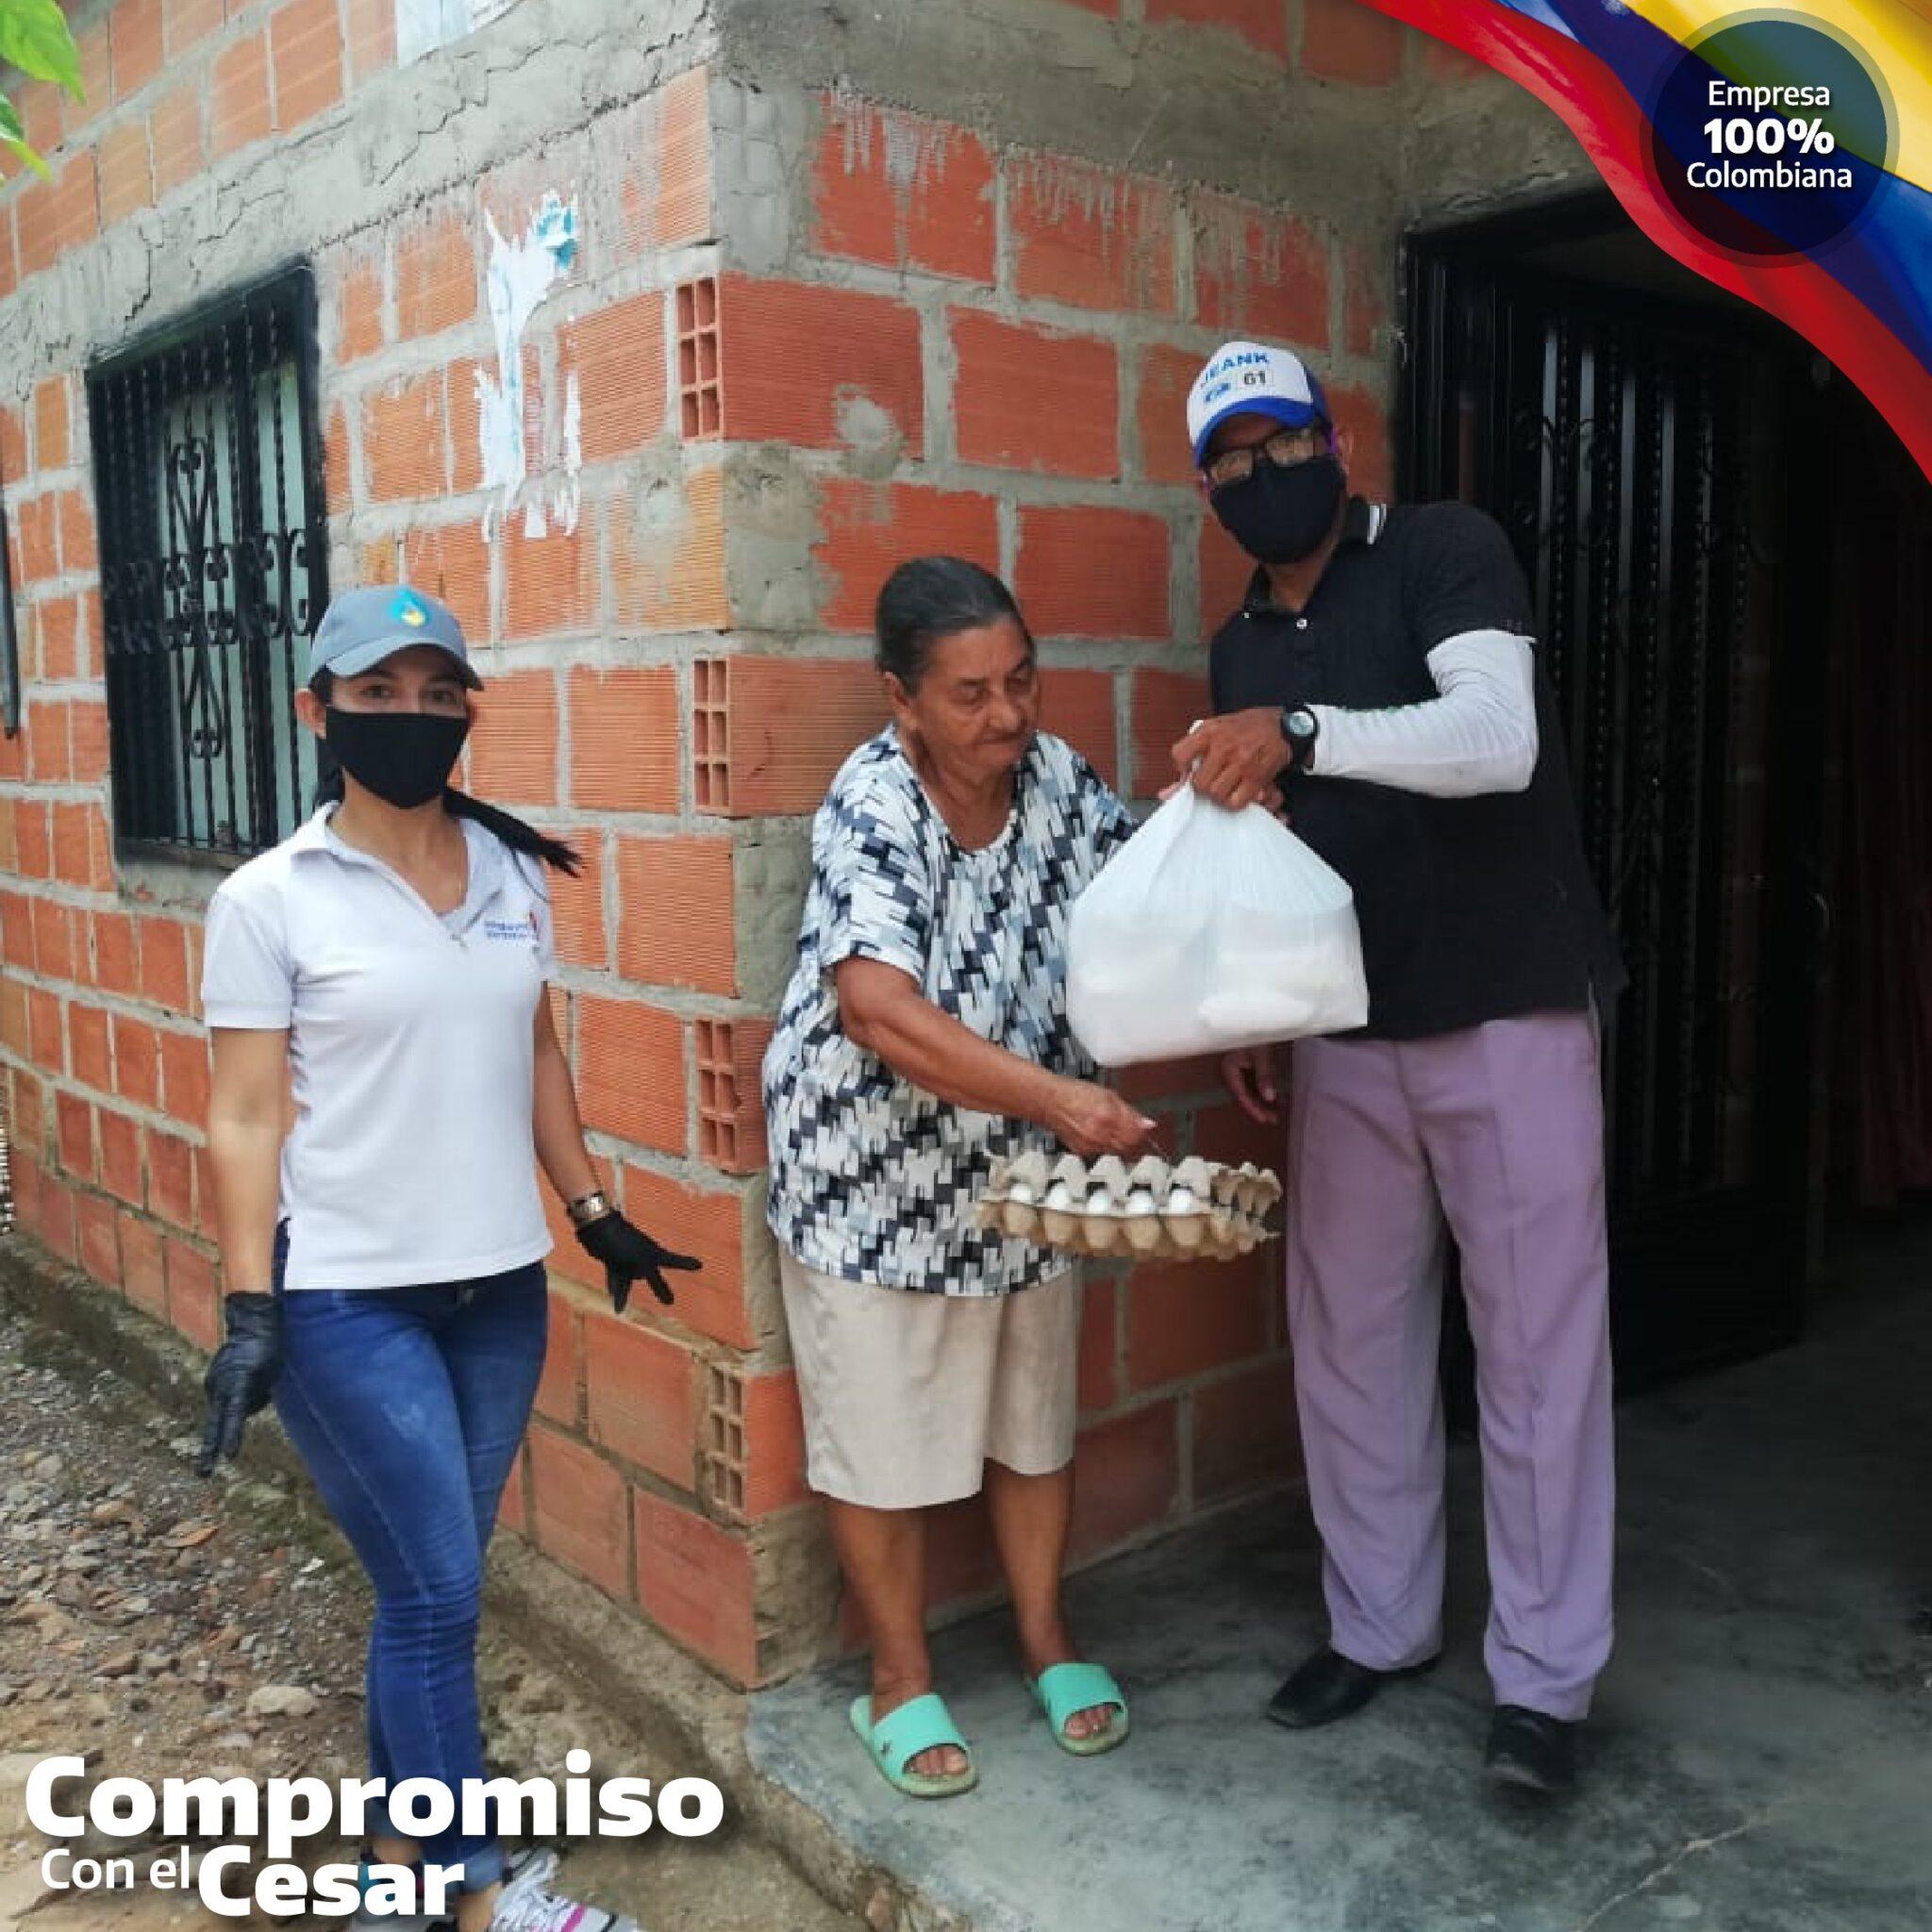 En La Gloria, Cesar, realizamos donaciones de mercados a nuestros colaboradores y familias vulnerables cercanas a nuestras estaciones Besote y La Universal.